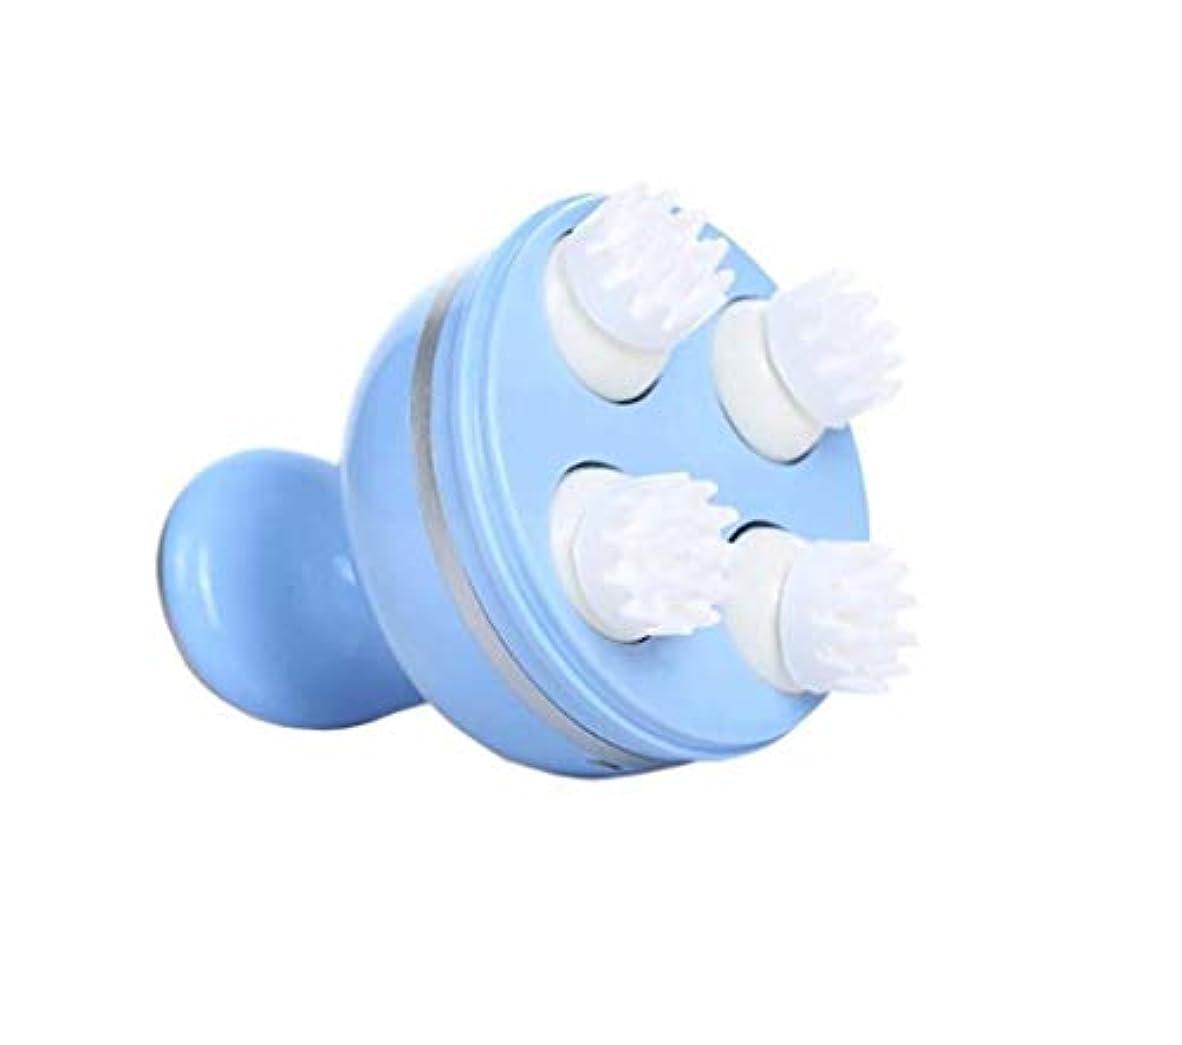 バルブチケット麻痺させるマッサージャー、電動ハンドヘルドヘッドマッサージャー、取り外し可能な多機能サイレントマッサージ、USB充電、持ち運びが簡単 (Color : 青)